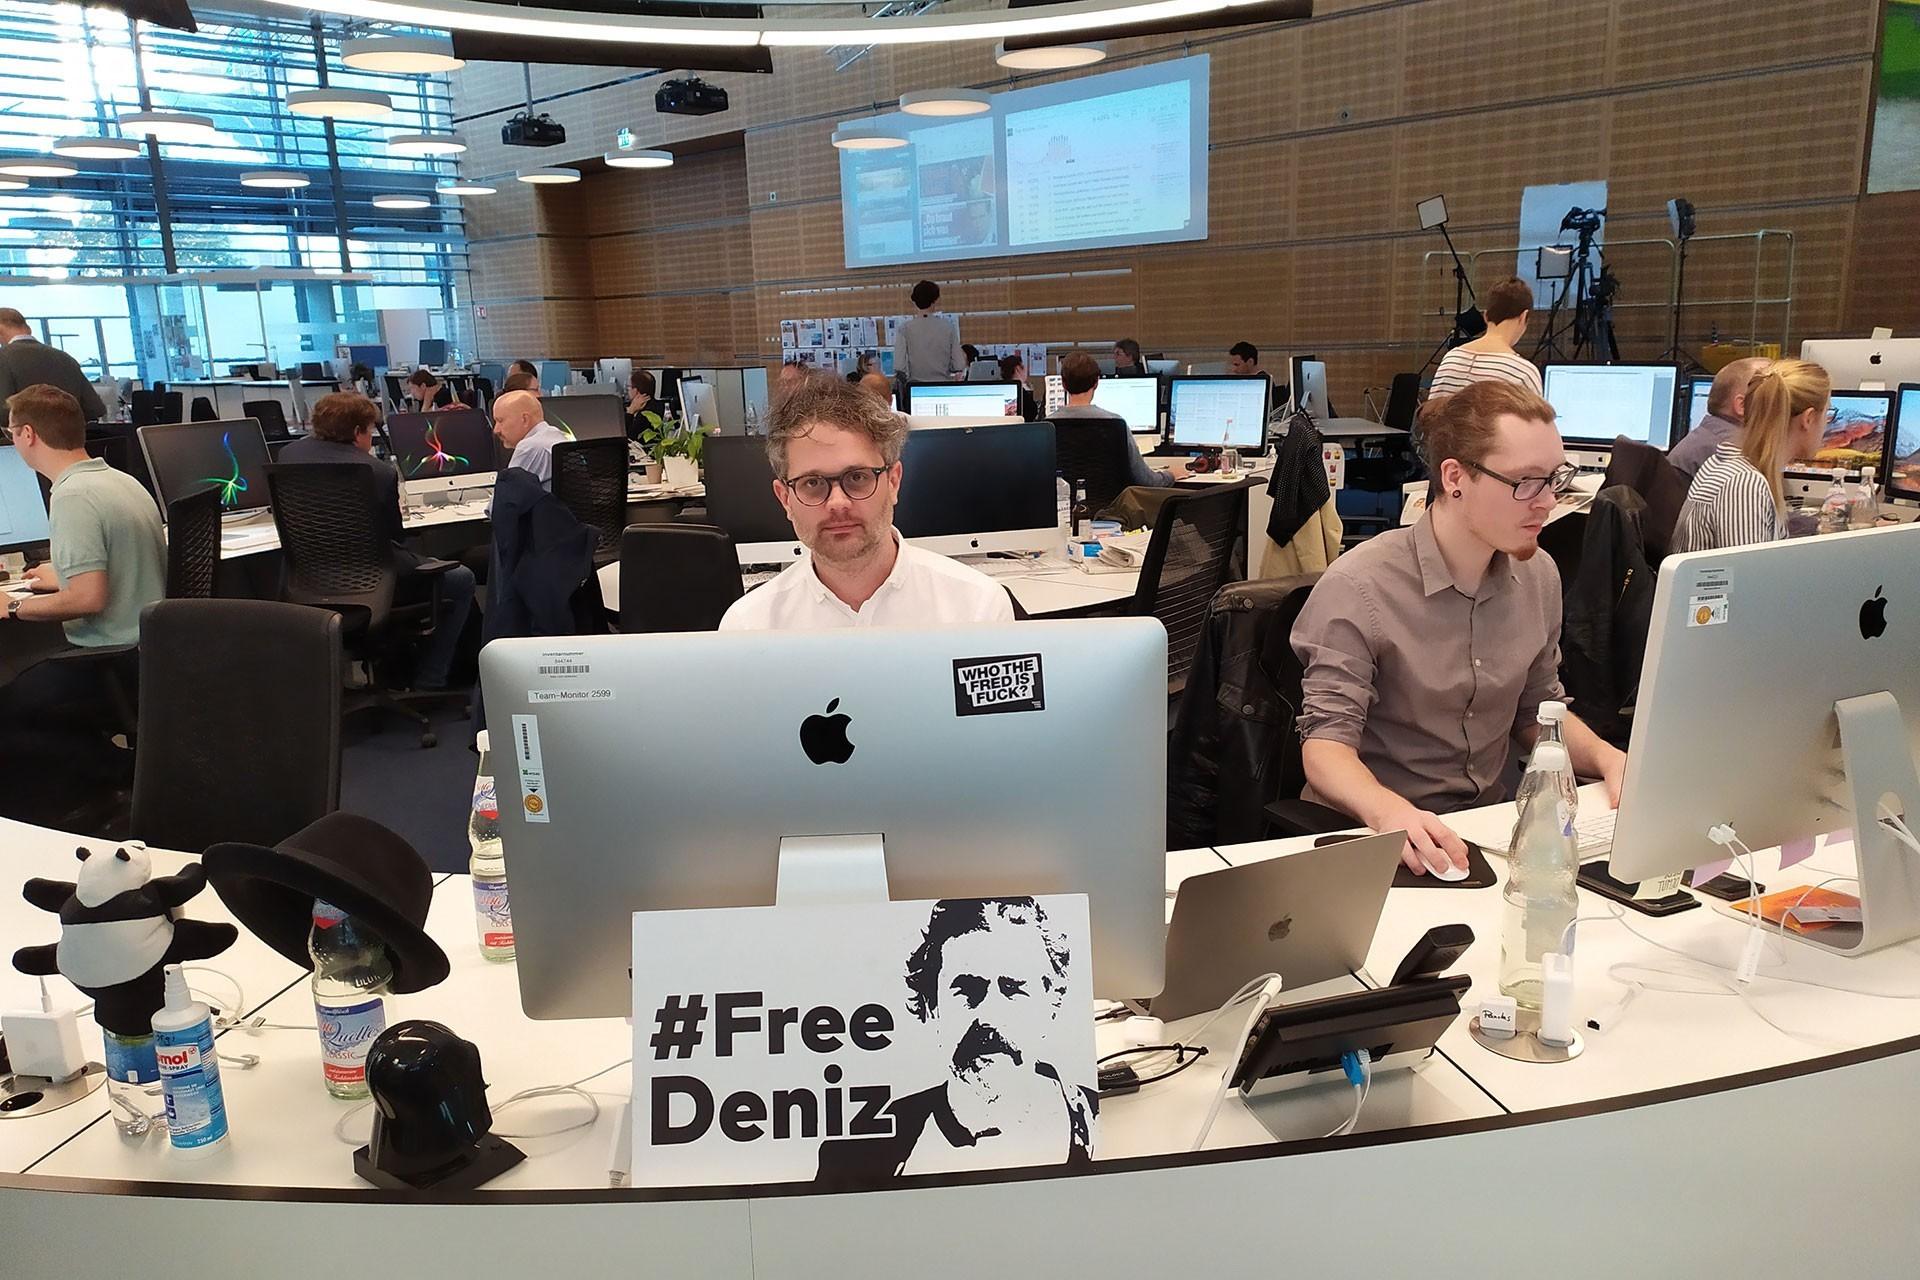 Die Welt'in Sosyal Medya Editörü Dominik Sindern'in, masasının önündeki #FreeDeniz yazılı görsel, Deniz'in bırakılmasının üzerinden 1 yıl 7 ay geçmiş olmasına rağmen duruyor